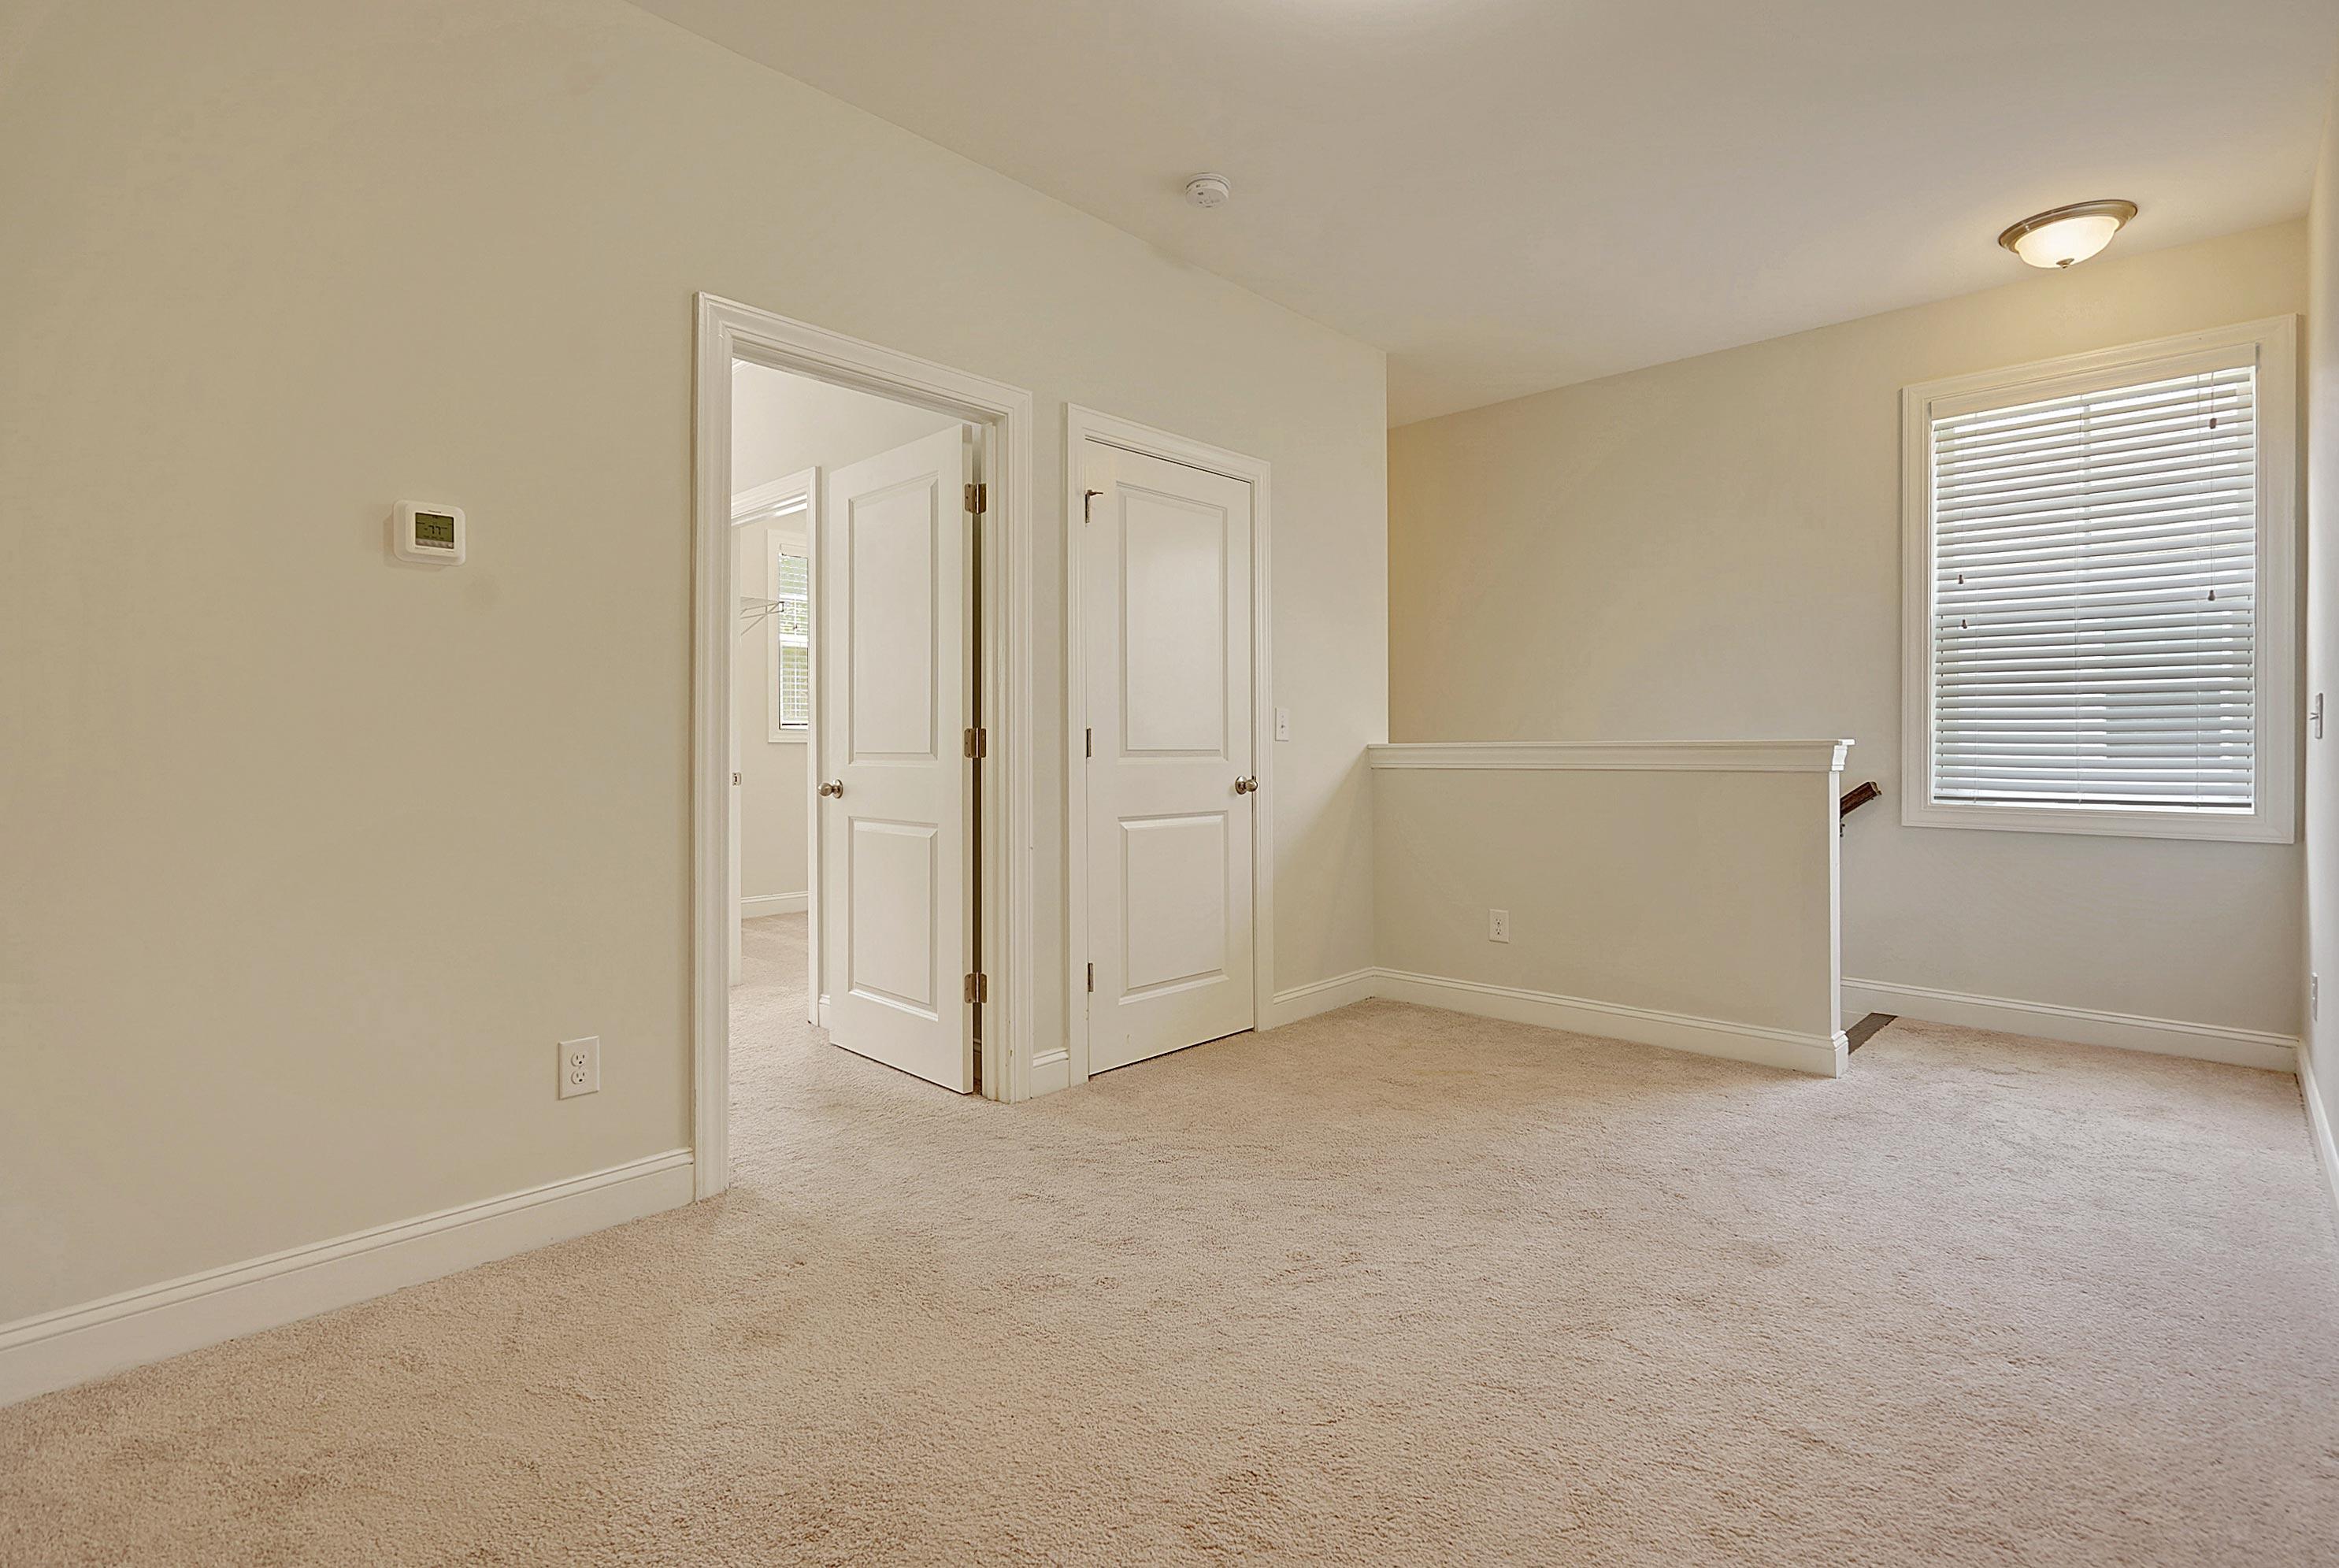 Park West Homes For Sale - 1638 Mermentau, Mount Pleasant, SC - 18